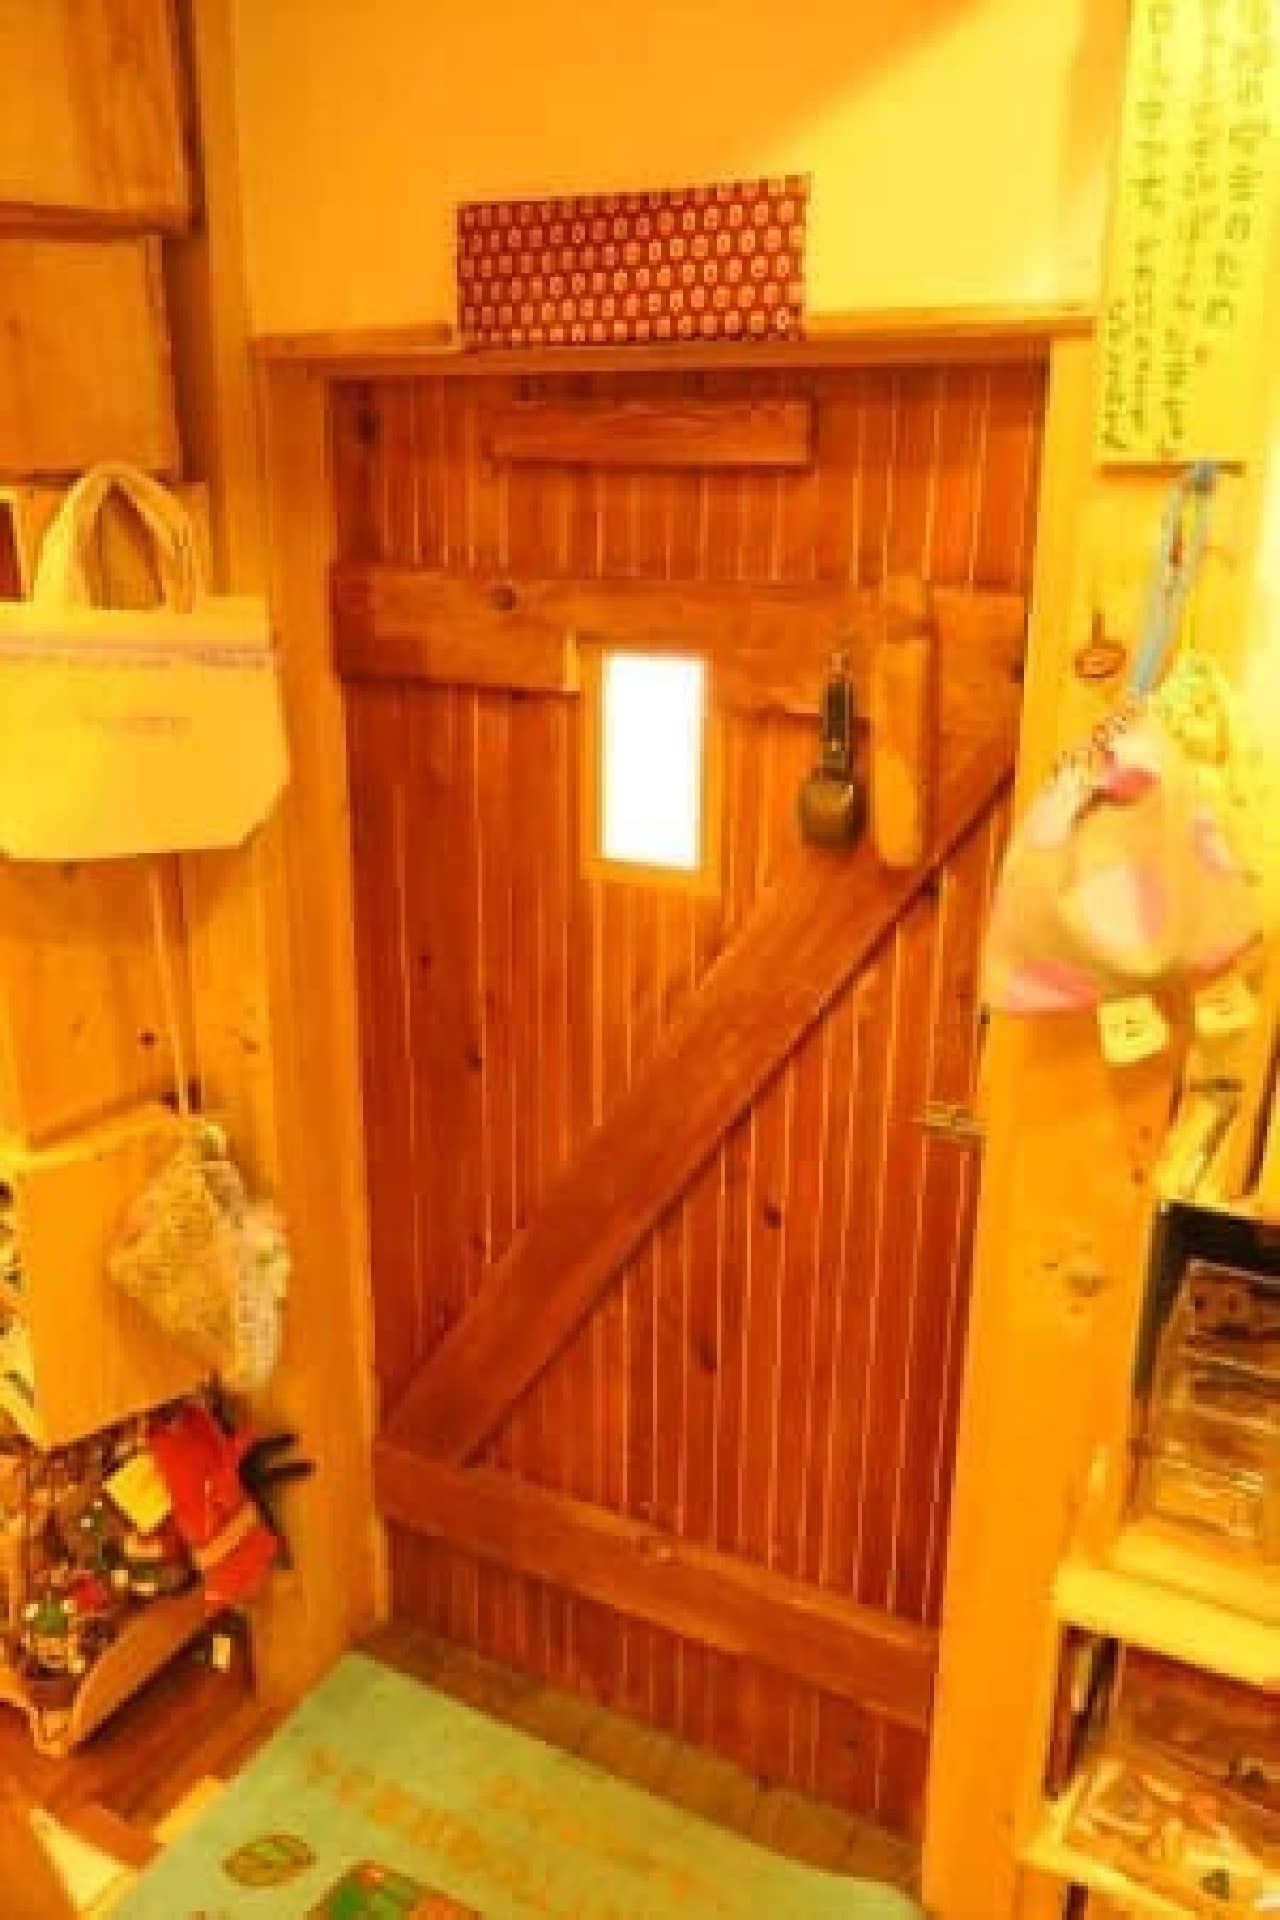 写真ではわかりにくいですが、ドアは大人はかがまないと入れない高さ